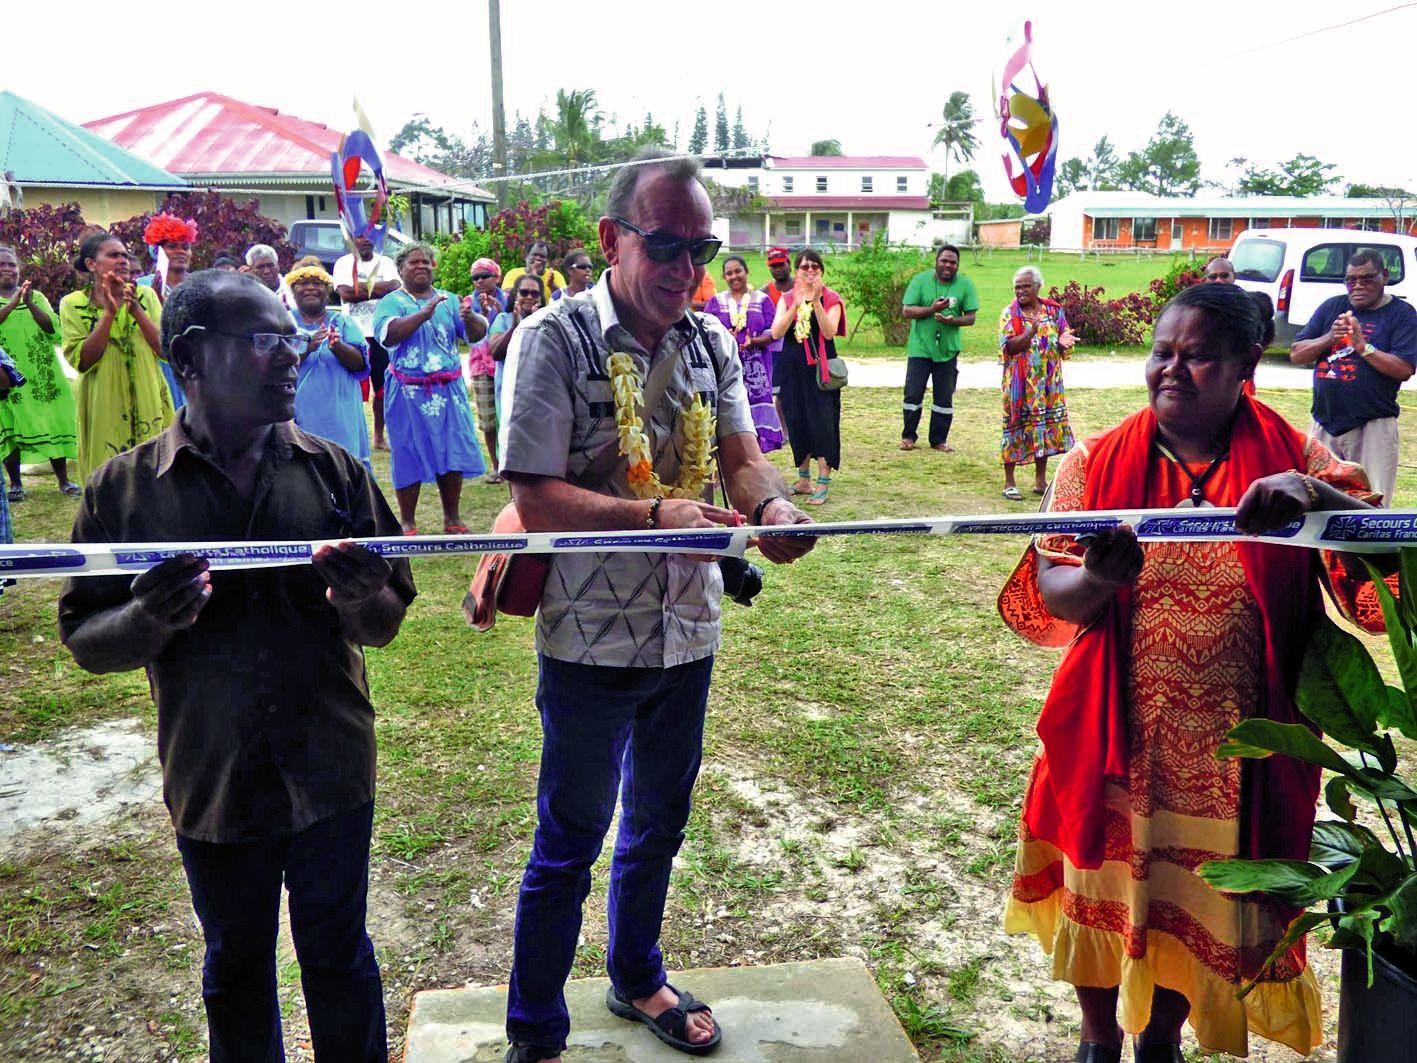 Le Centre d'accueil pejii a été inauguré, samedi, par deux membres du Secours catholique Caritas France.